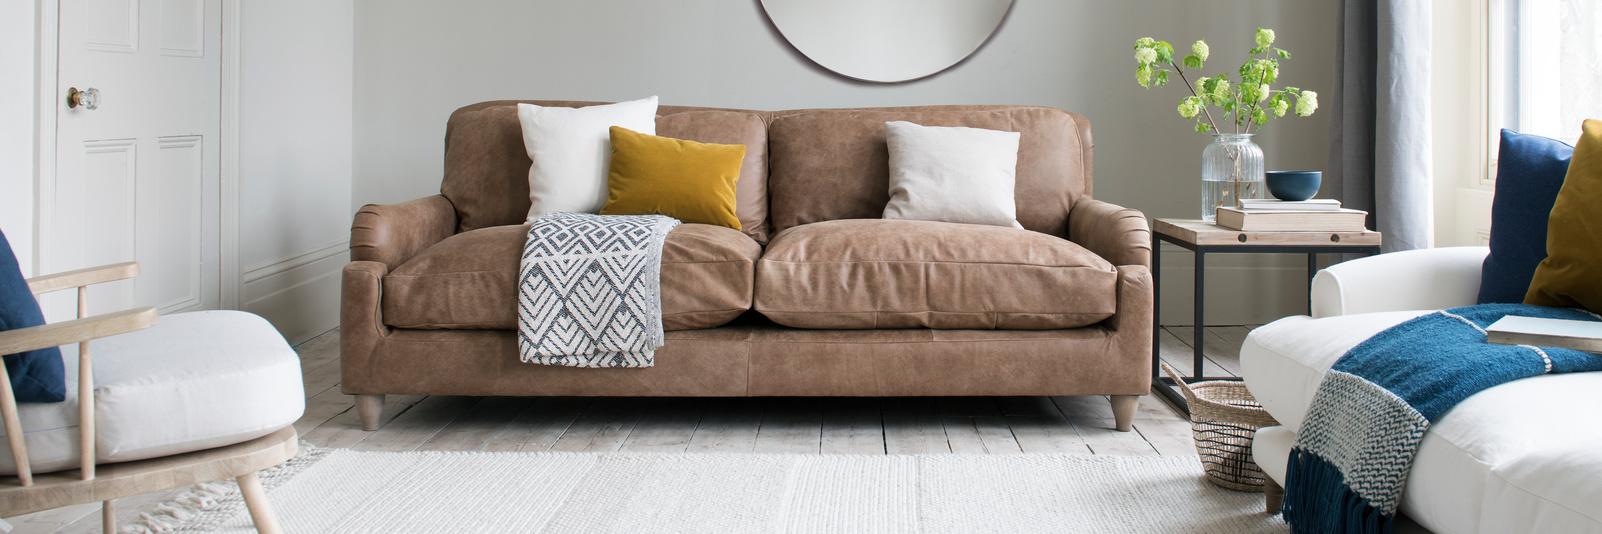 Pavlova sofa